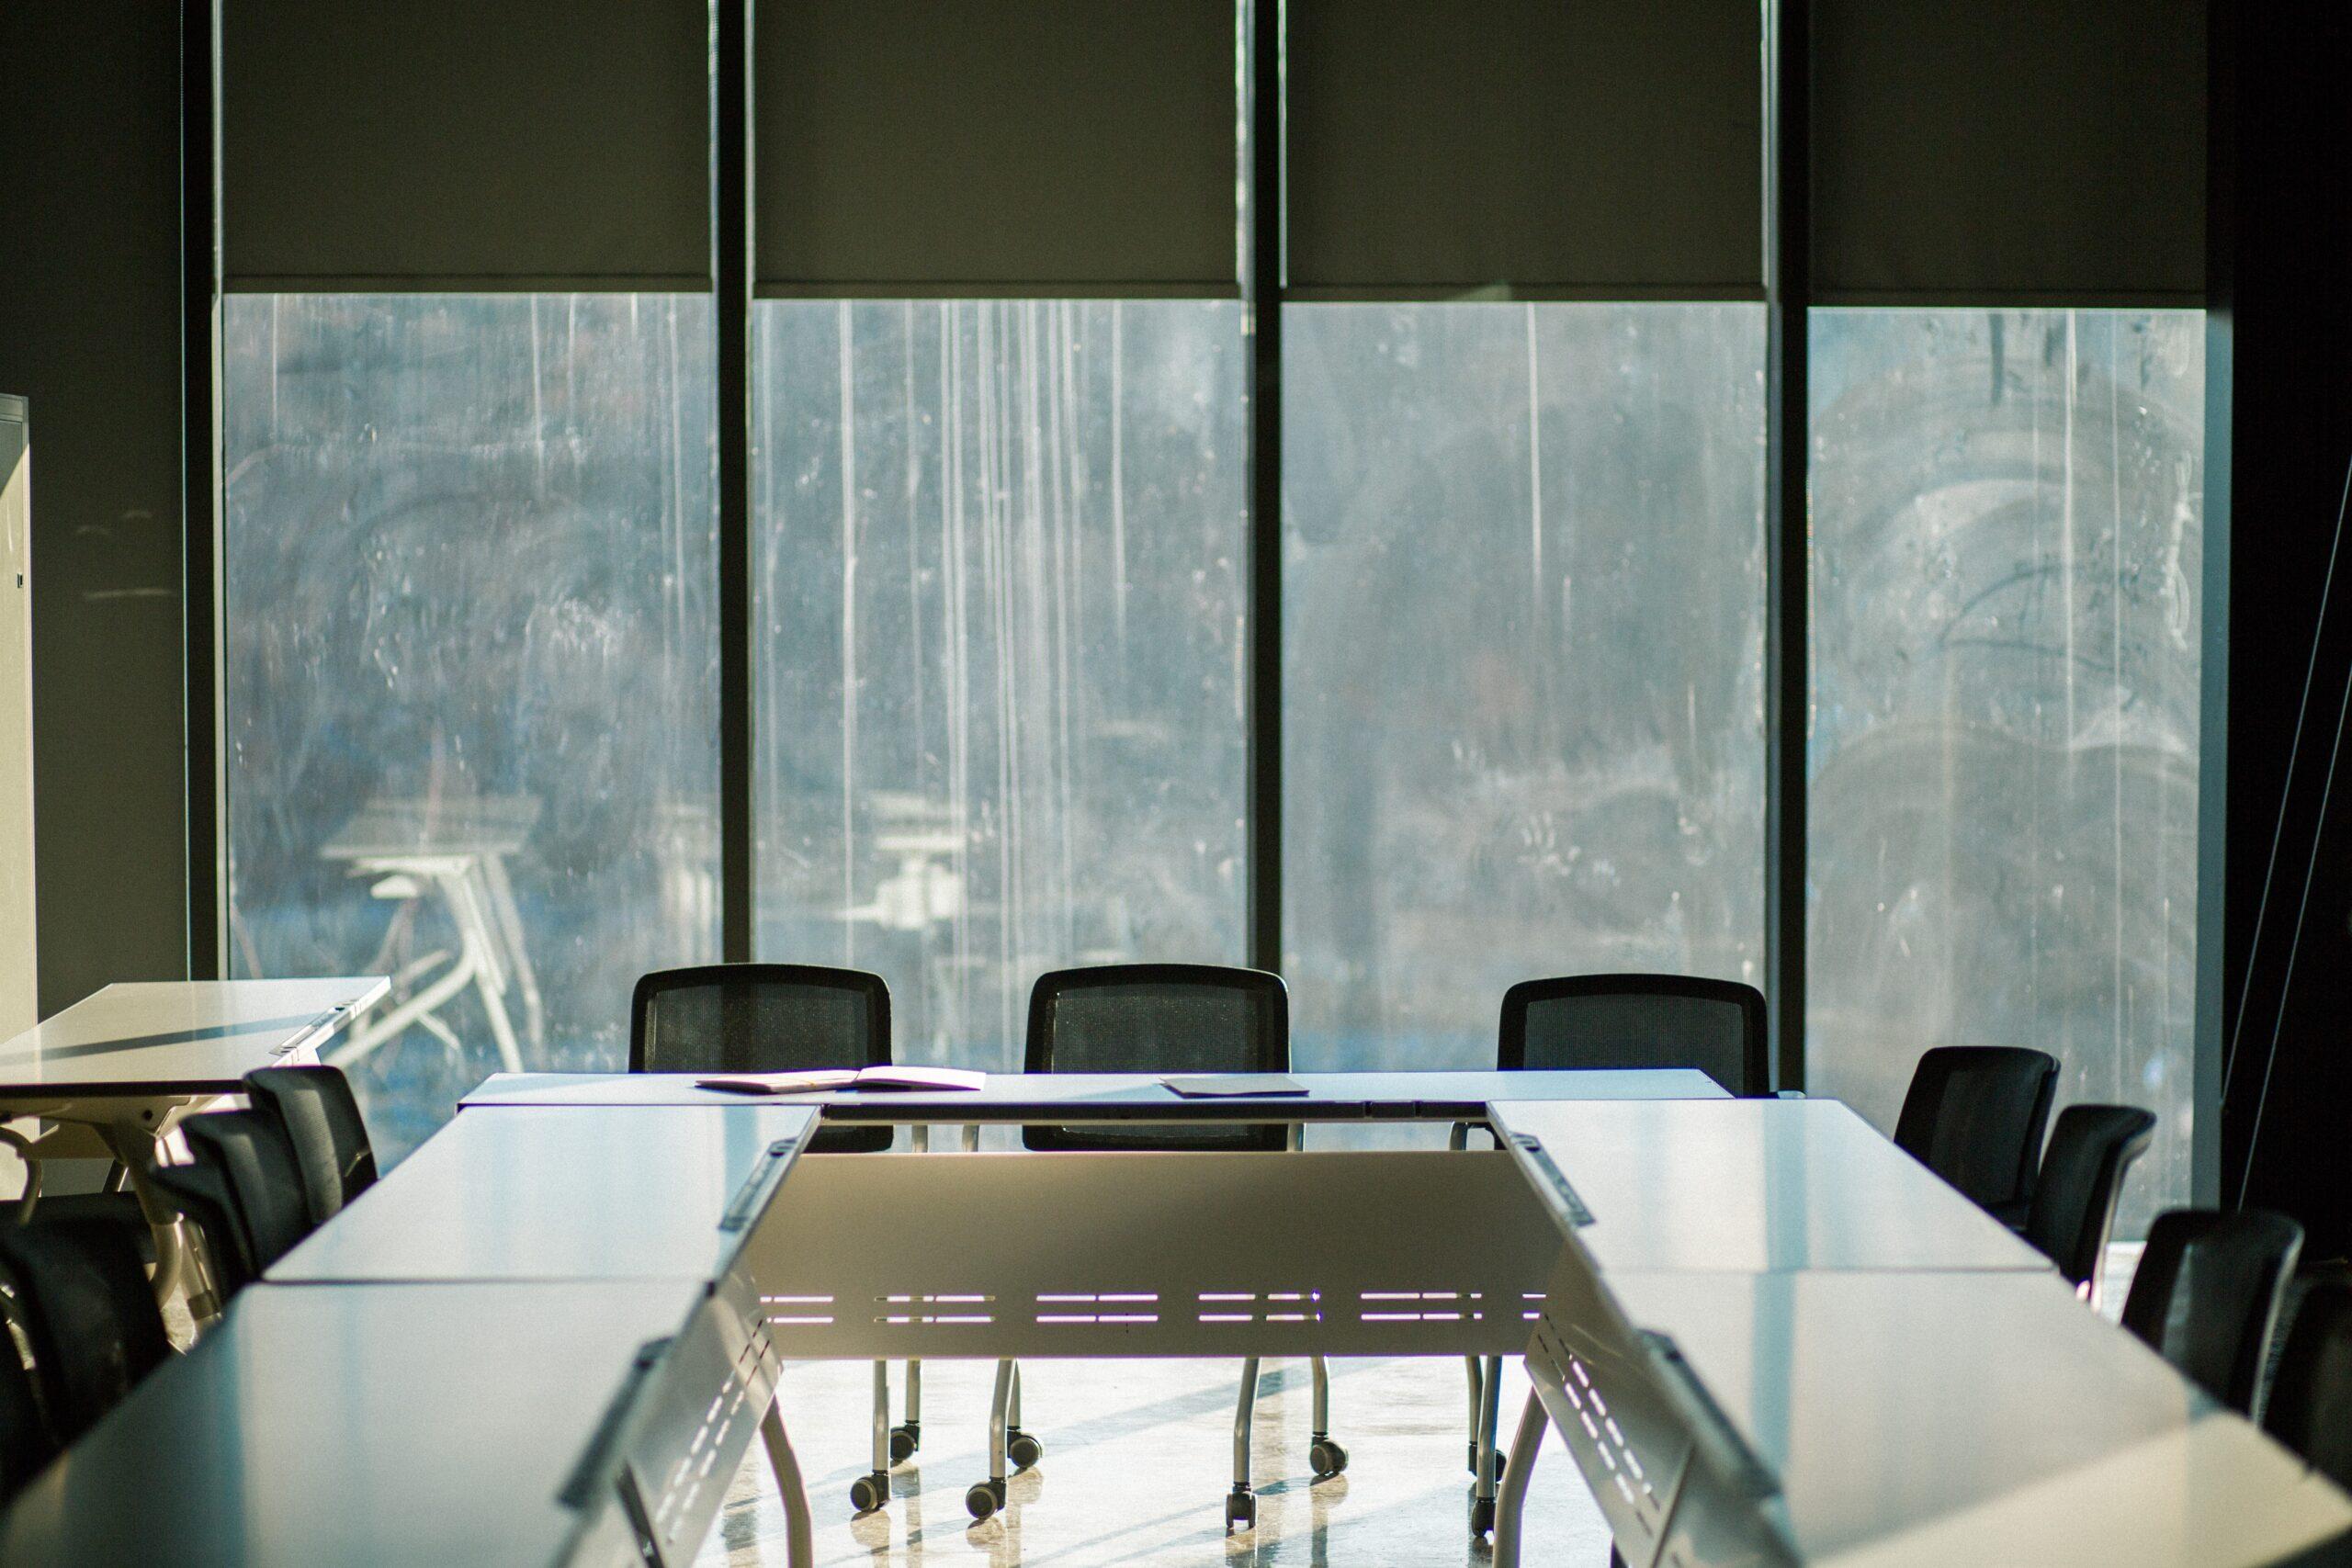 退職理由を面接官からしつこく質問されないように会議室で考える様子